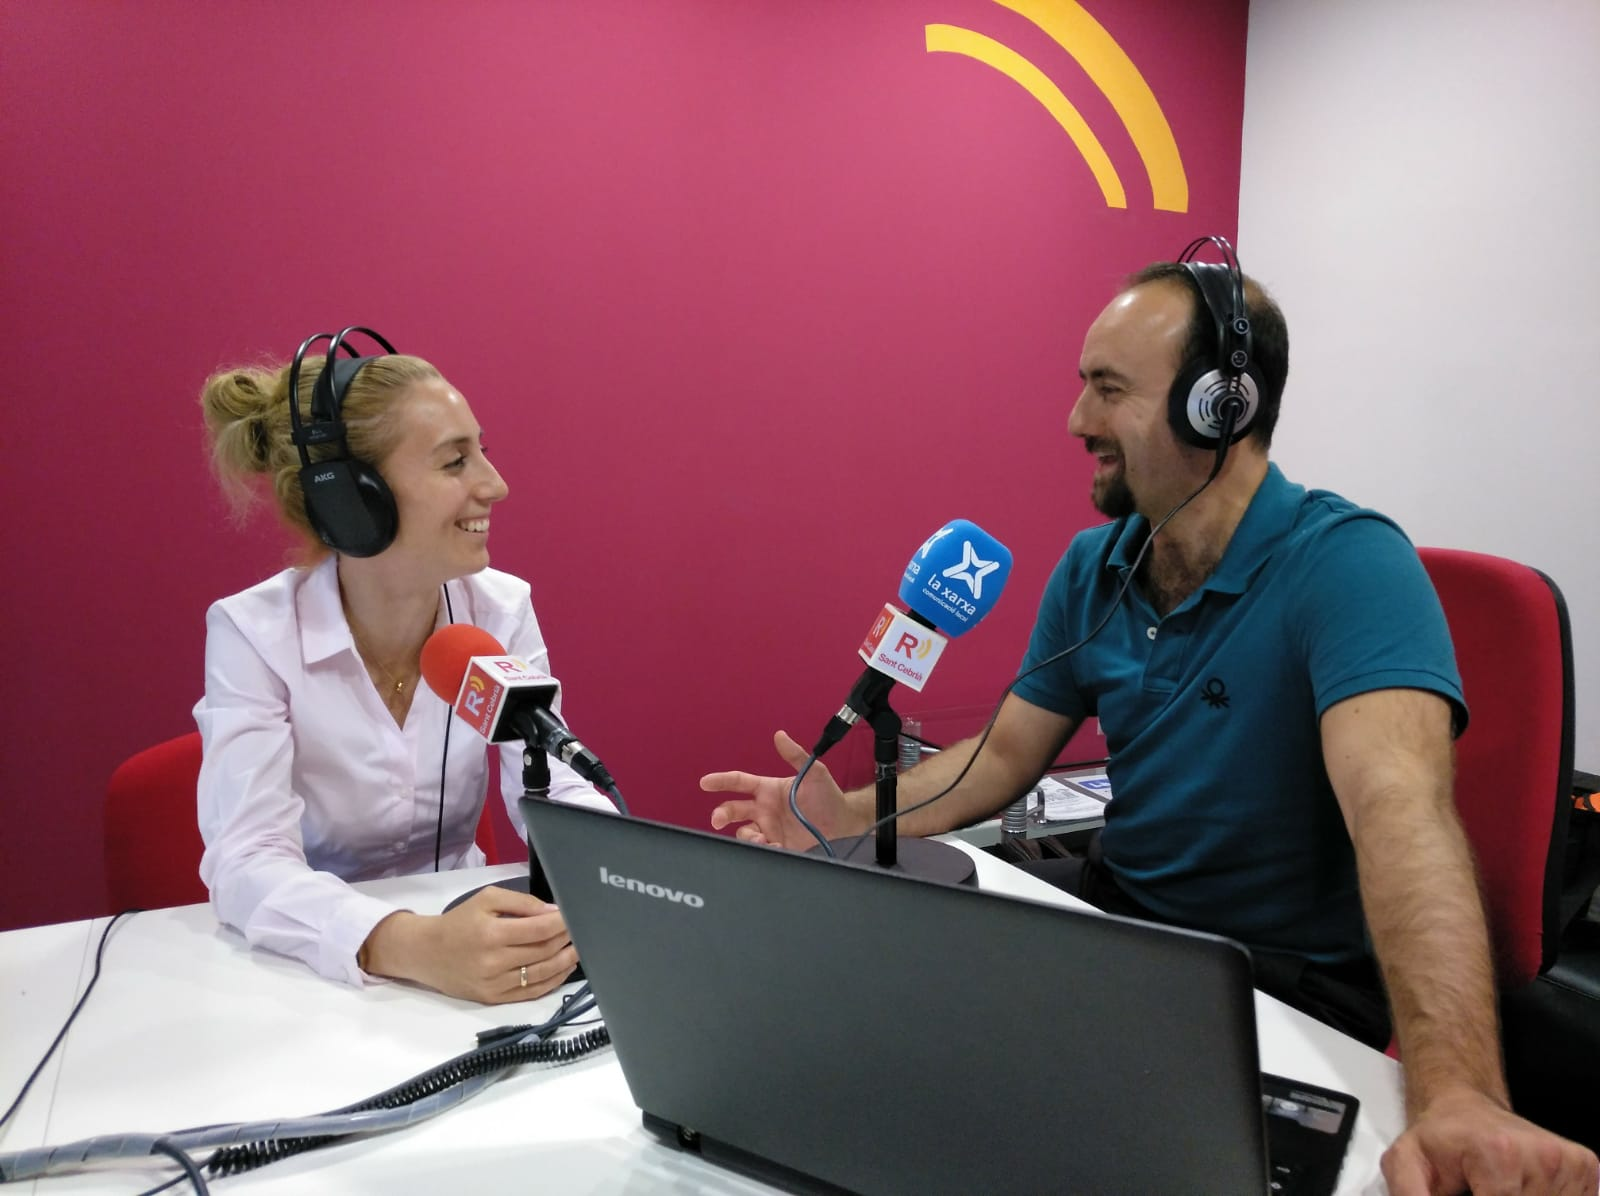 Judit Peralta (CEO en Rethink) fue entrevistada en el programa Estrategia y liderazgo, de la emisora de Radio Sant Cebrià de Vallalta.